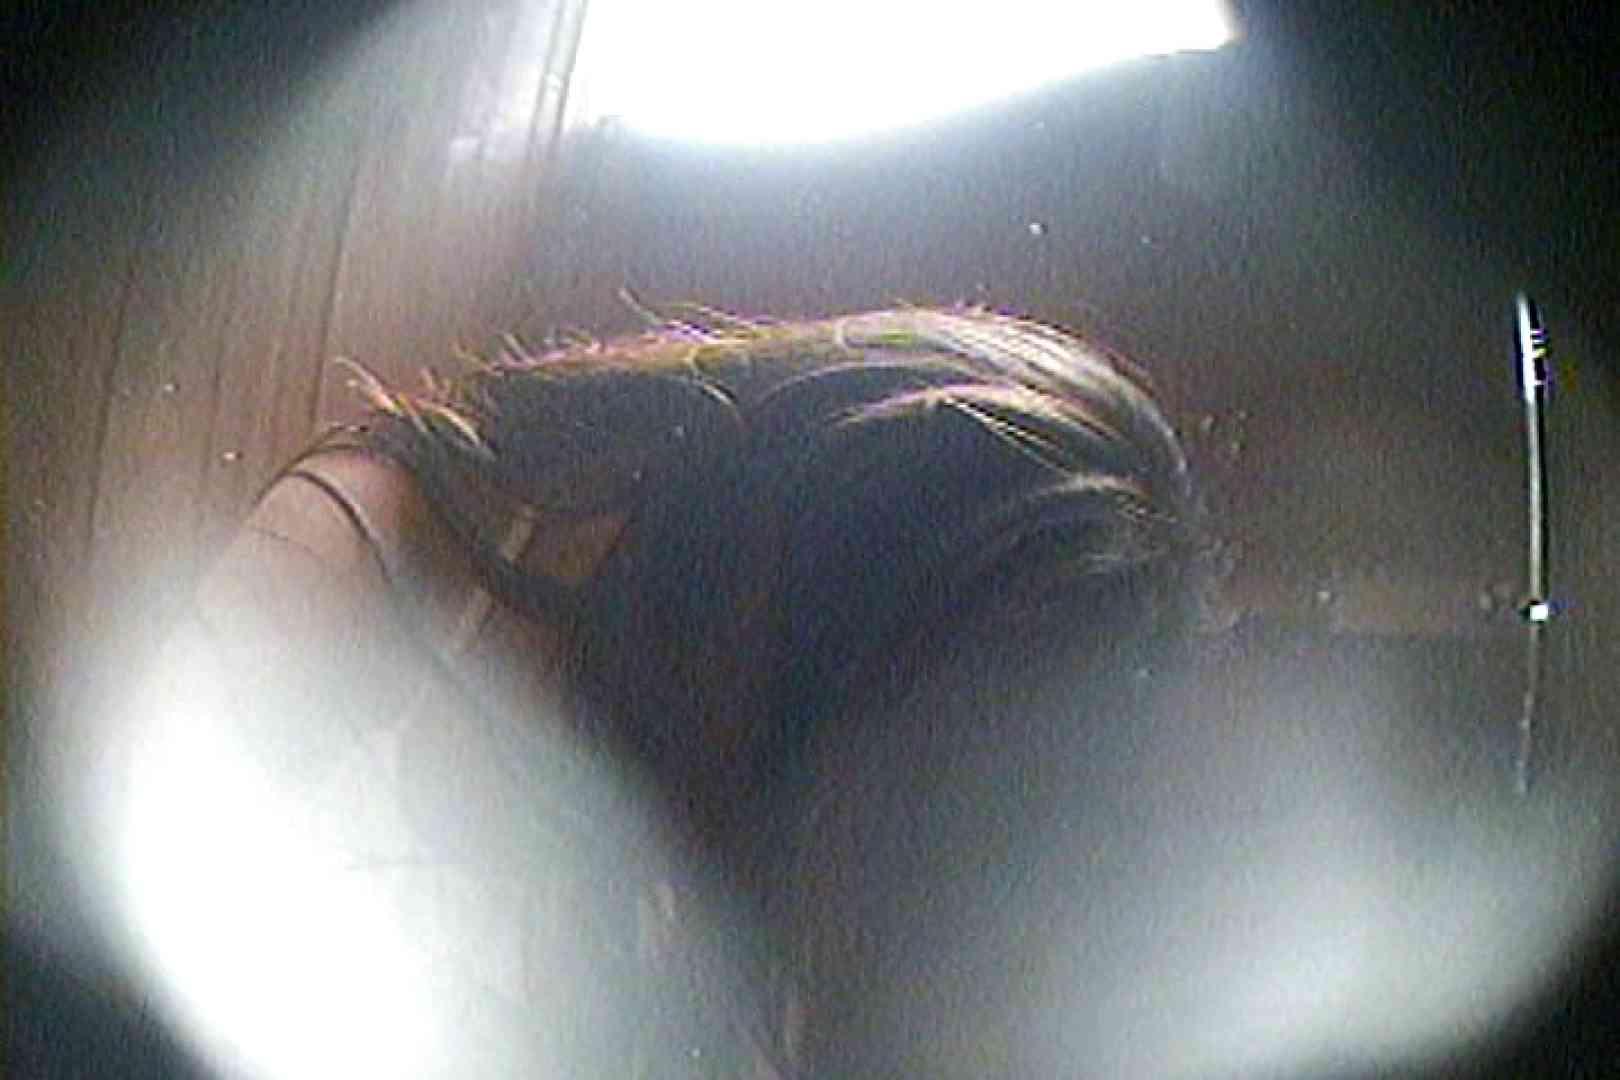 海の家の更衣室 Vol.61 シャワー ワレメ動画紹介 101pic 47